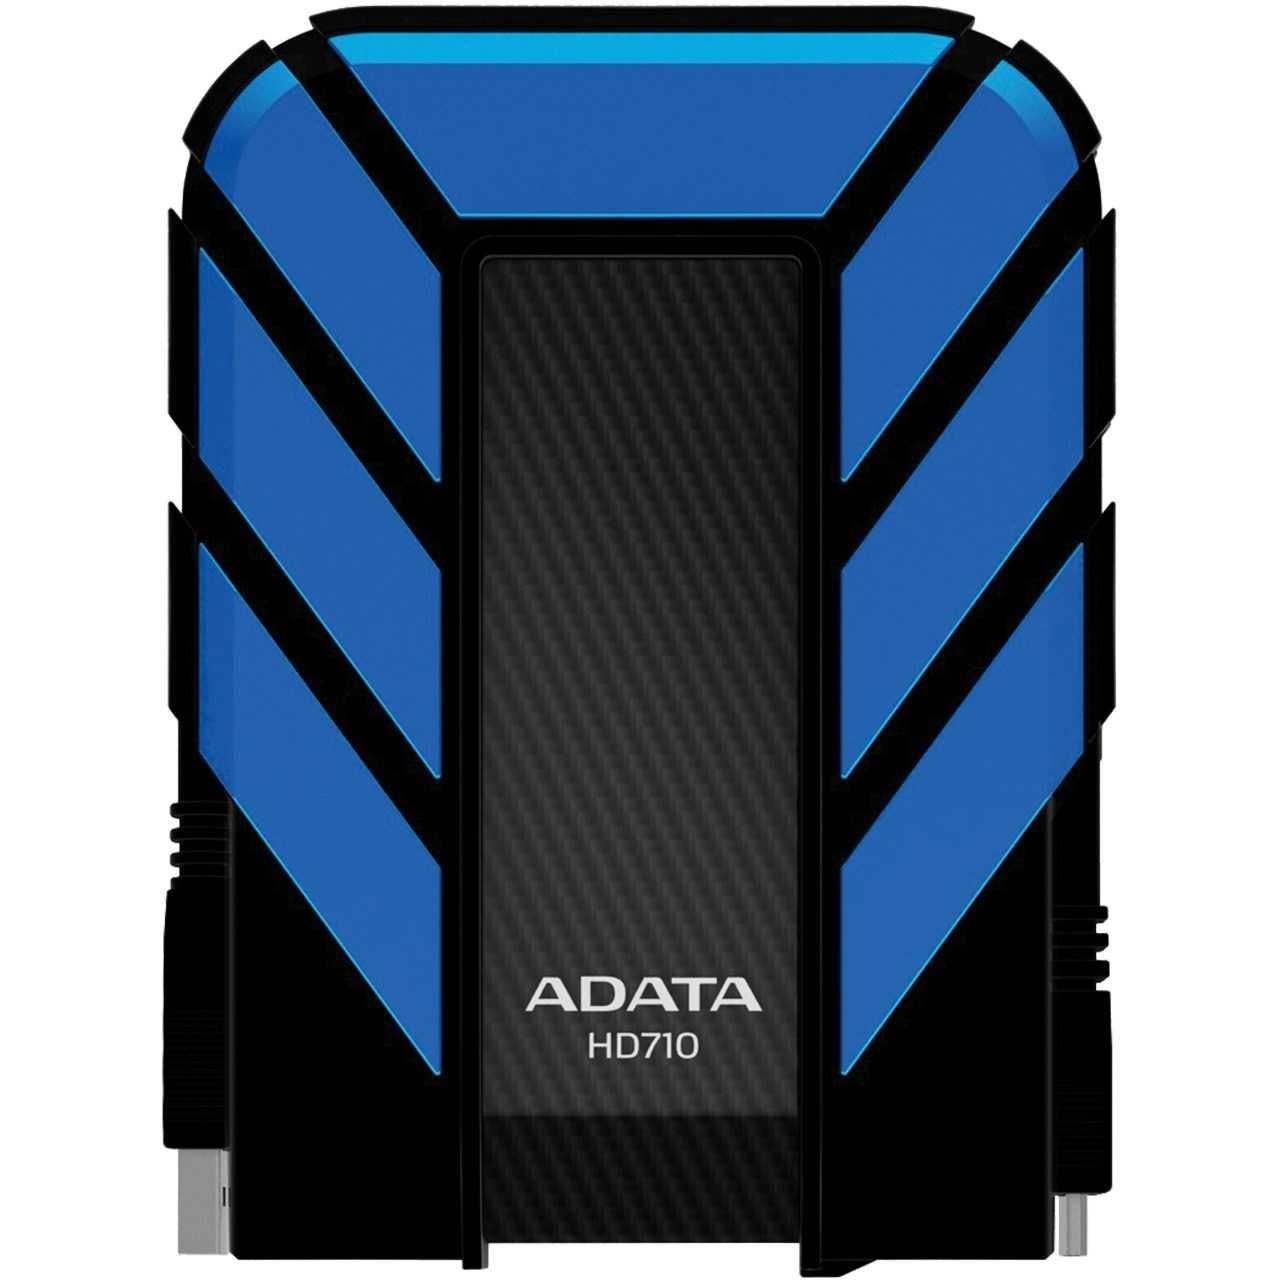 هارد اکسترنال ای دیتا مدل HD710 با ظرفیت یک ترابایت